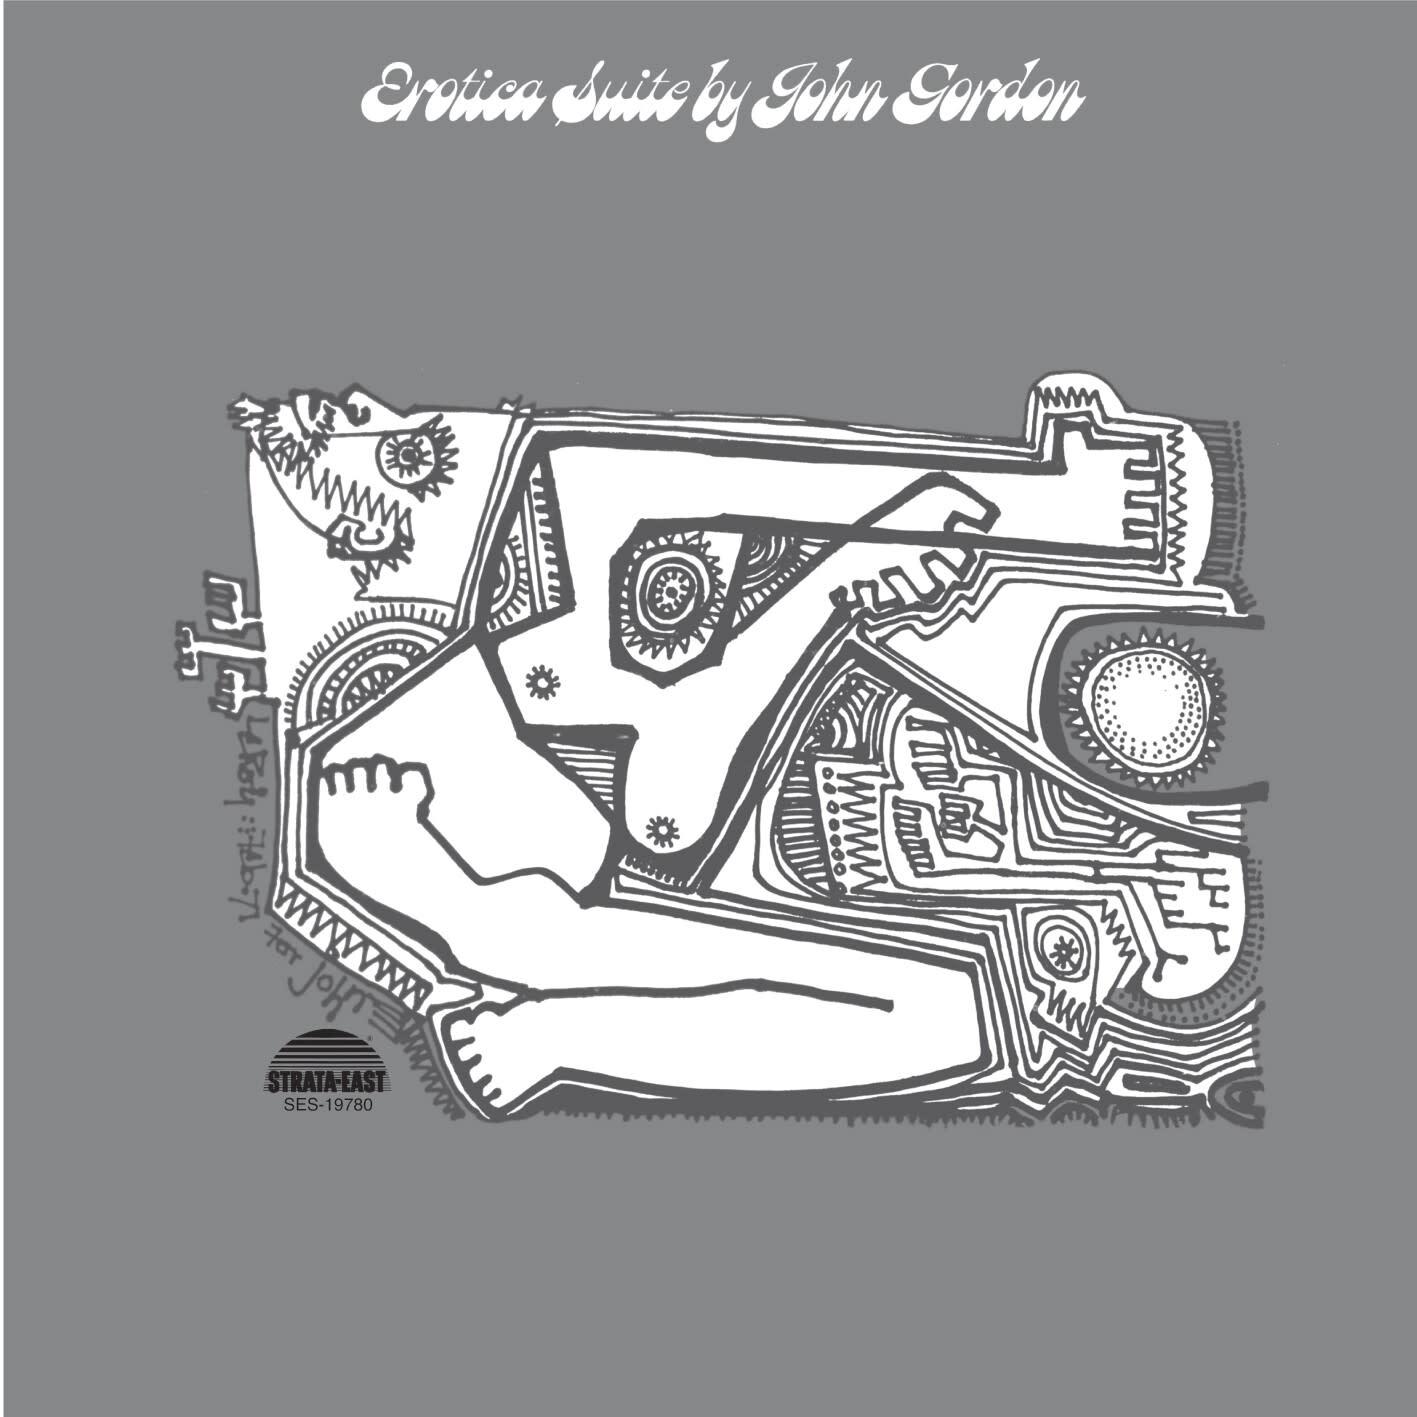 Jazz John Gordon - Erotica Suite (Pure Pleasure Audiophile Reissue)